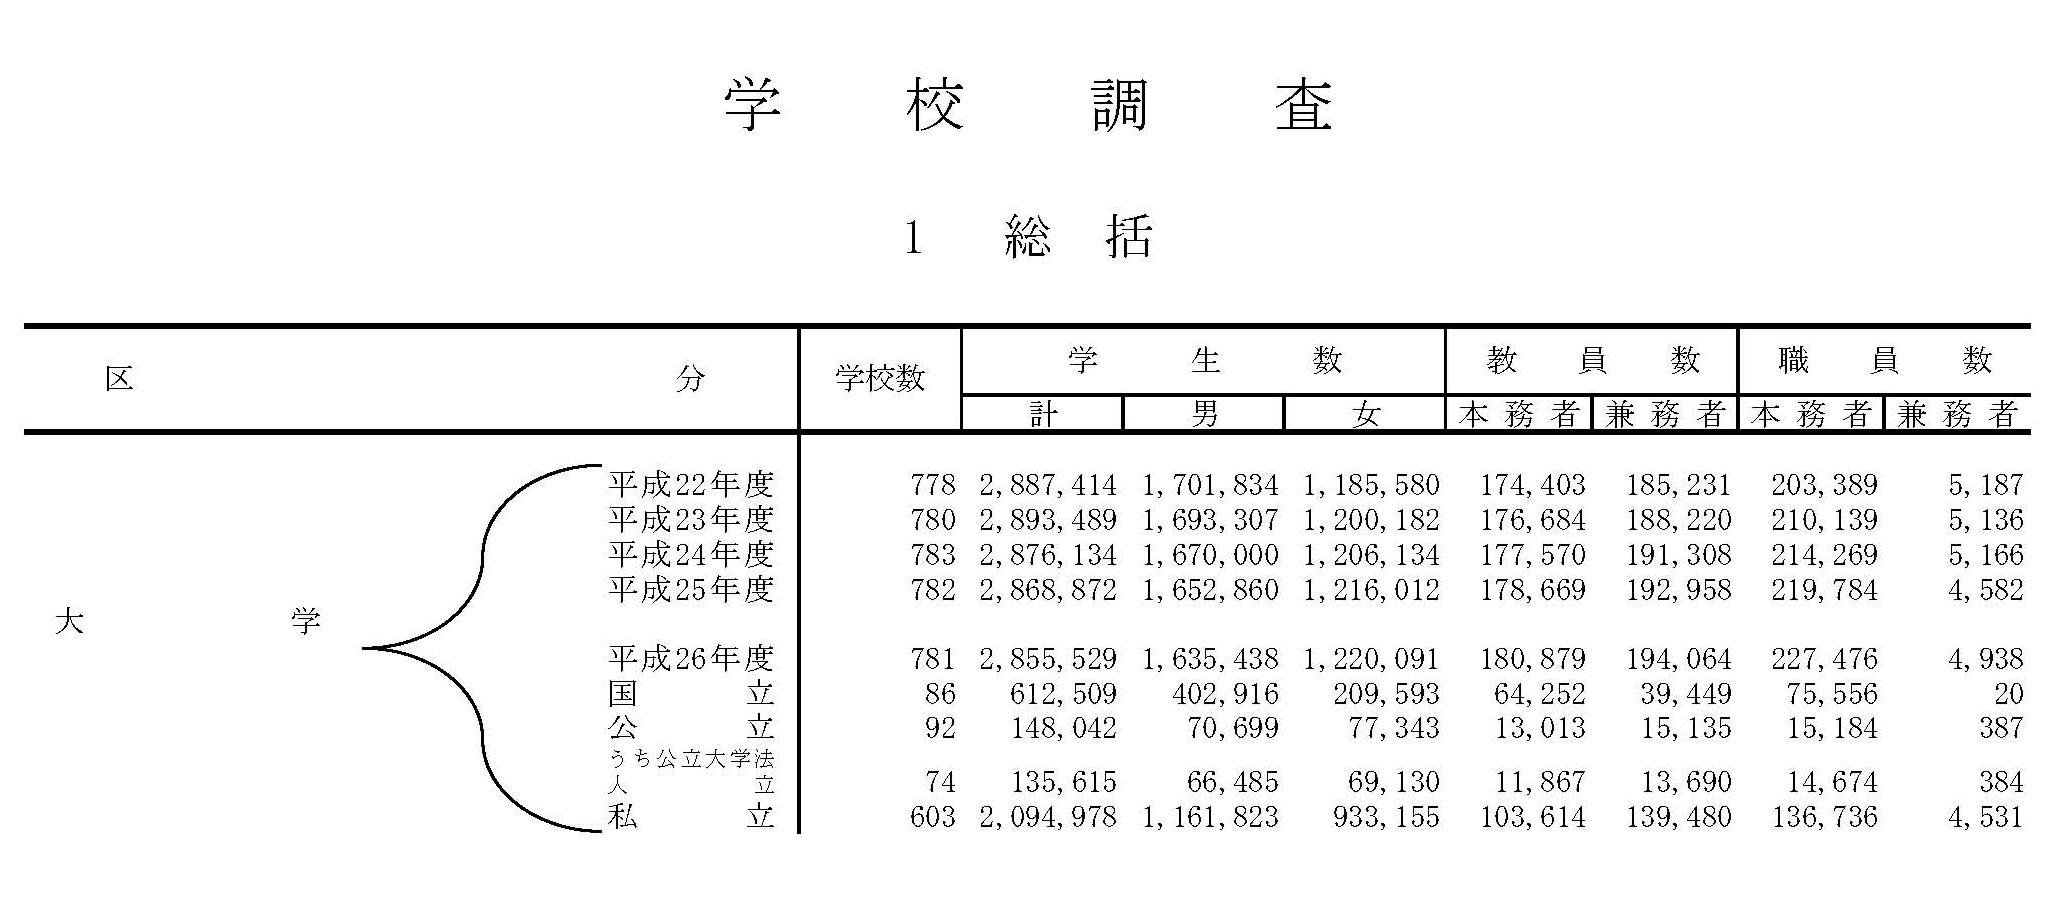 学校基本調査(大学数)